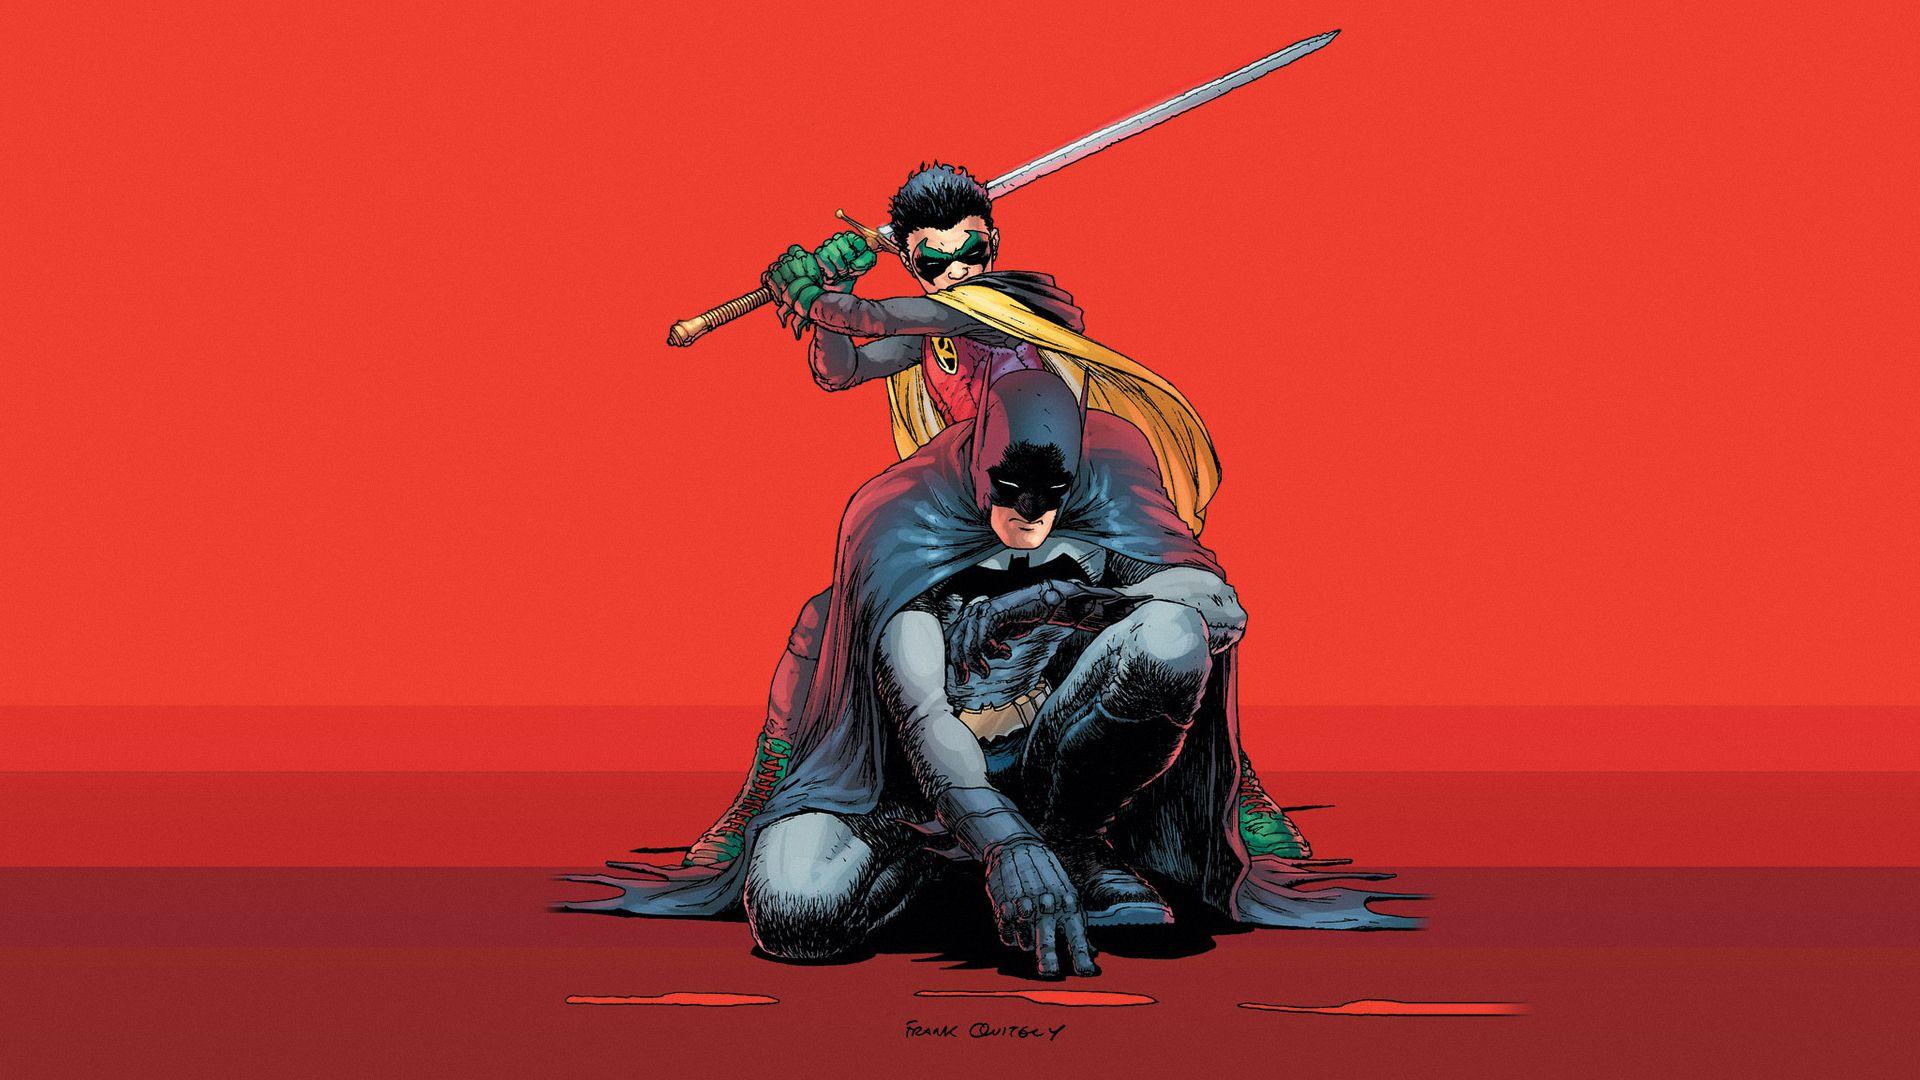 Batman Dc Comics Superheroes Robin Character Bruce Wayne Damian Wayne Dynamic Duo Wal Batman And Robin Batman And Robin Wallpaper Robin Comics